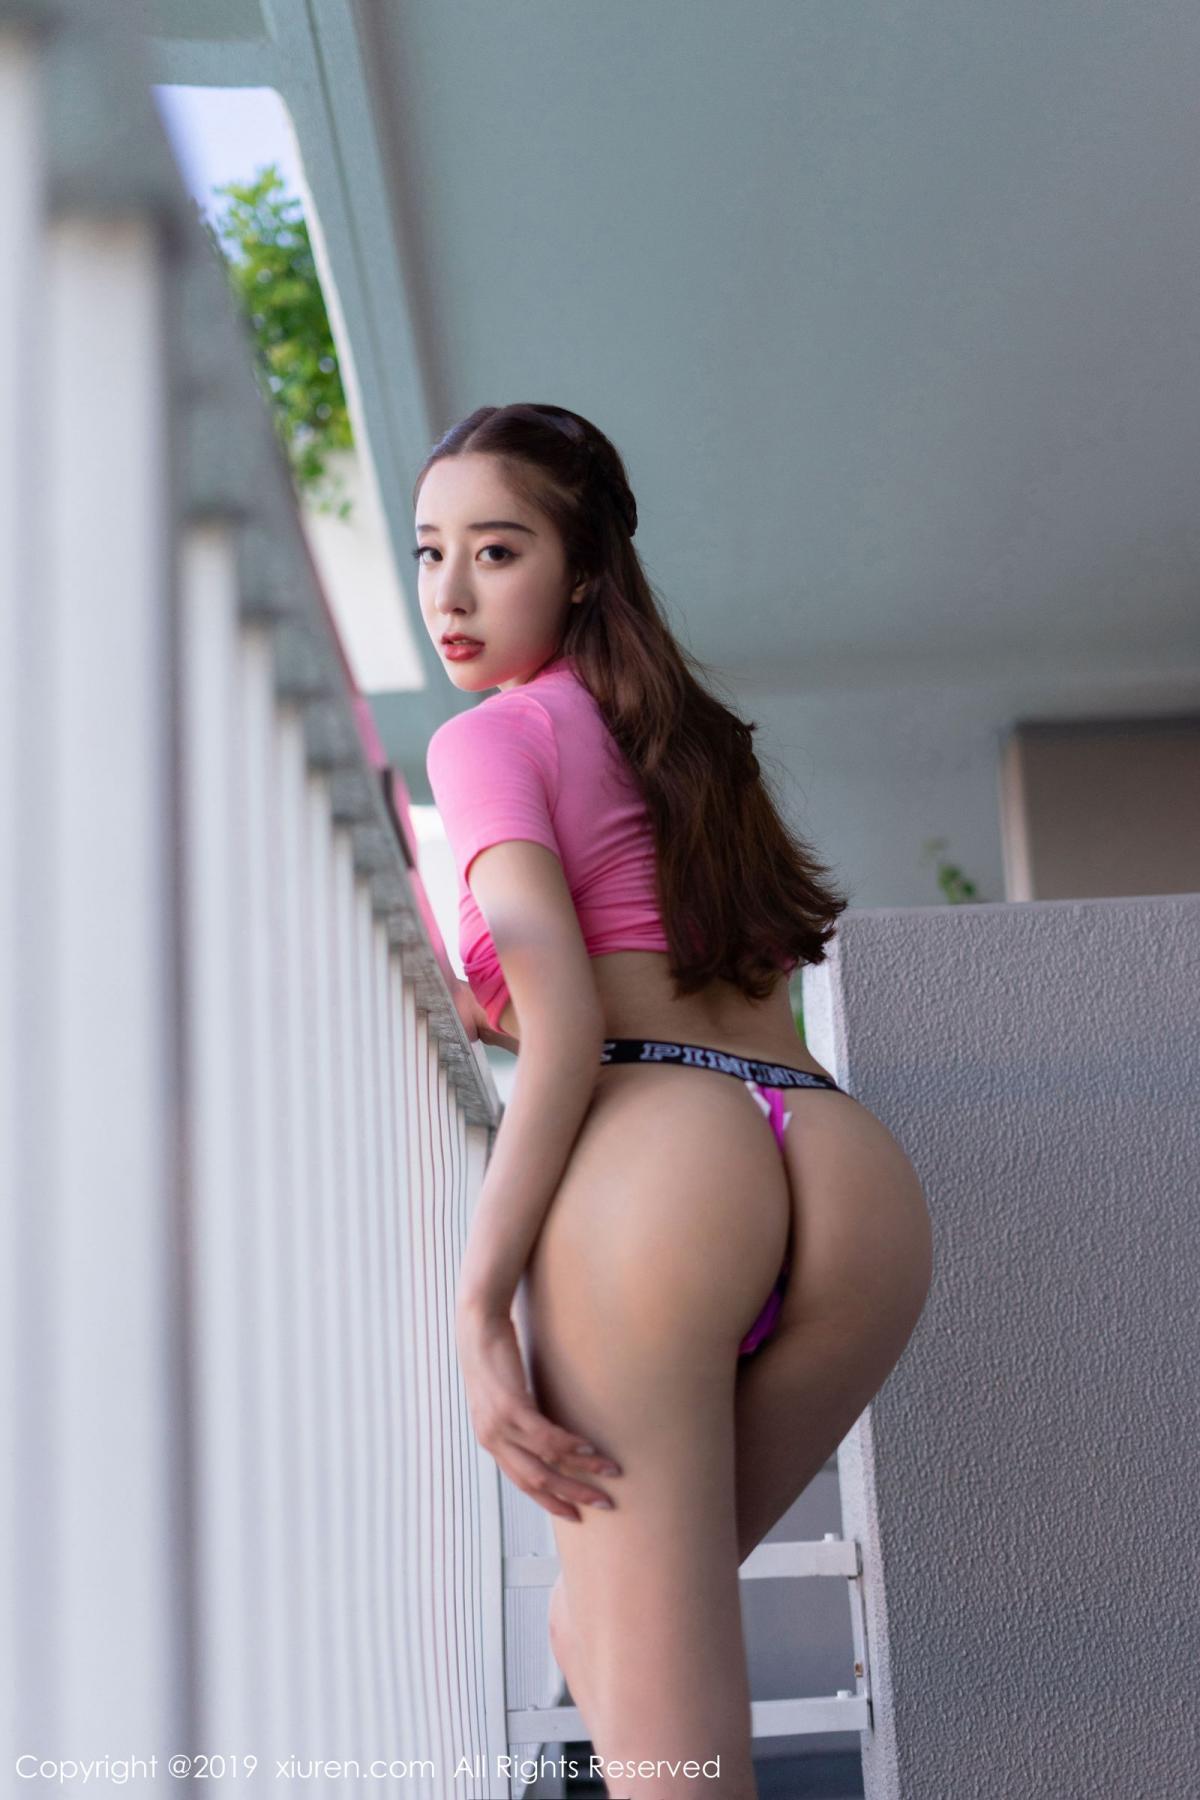 [XiuRen] Vol.1631 Duan Xiao Hui 47P, Beach, Bikini, Duan Xiao Hui, Xiuren